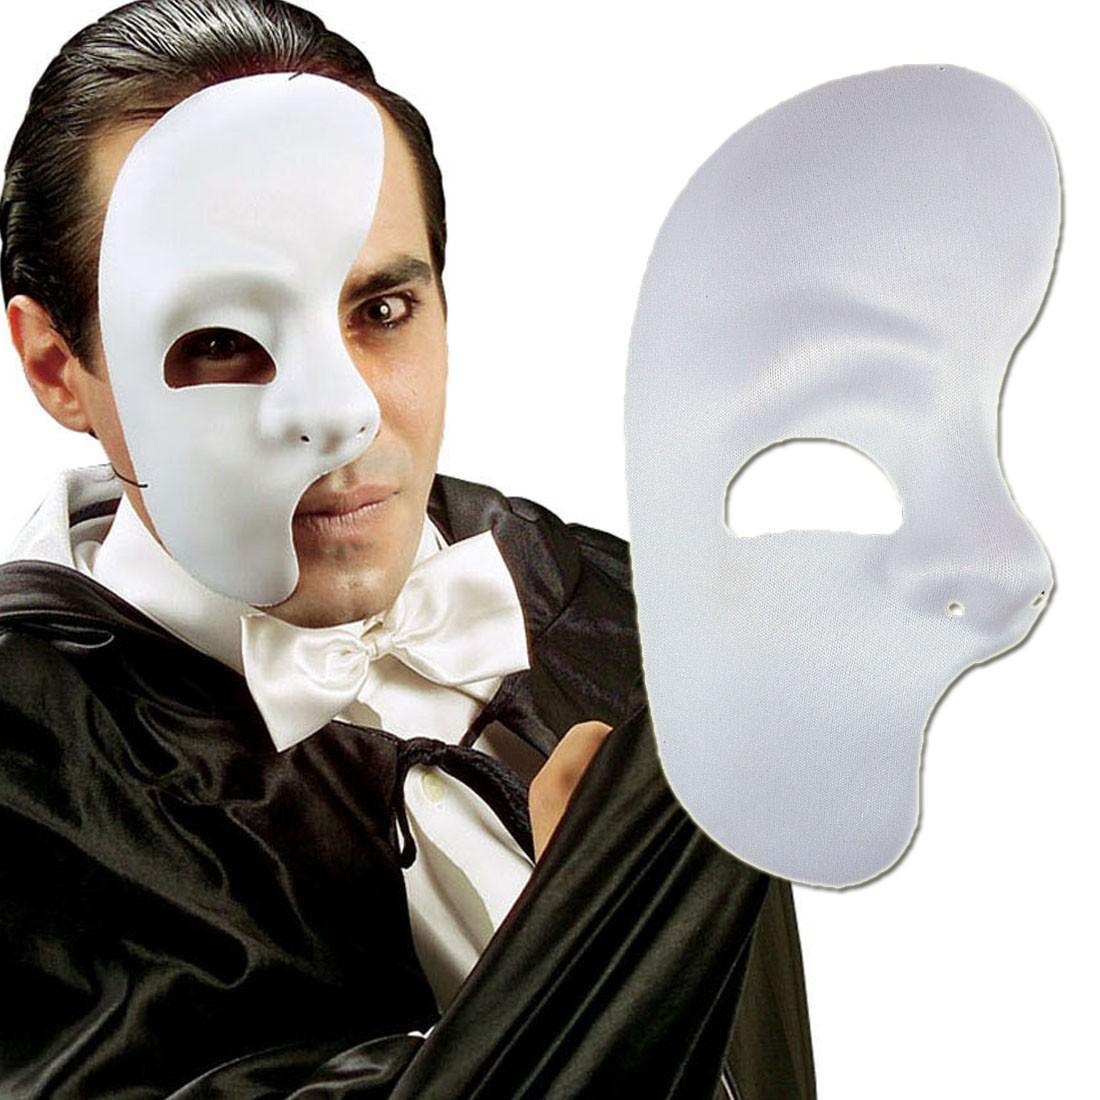 phantommaske halbes gesicht maske wei phantom der oper halbmaske eine gesichtsh lfte. Black Bedroom Furniture Sets. Home Design Ideas